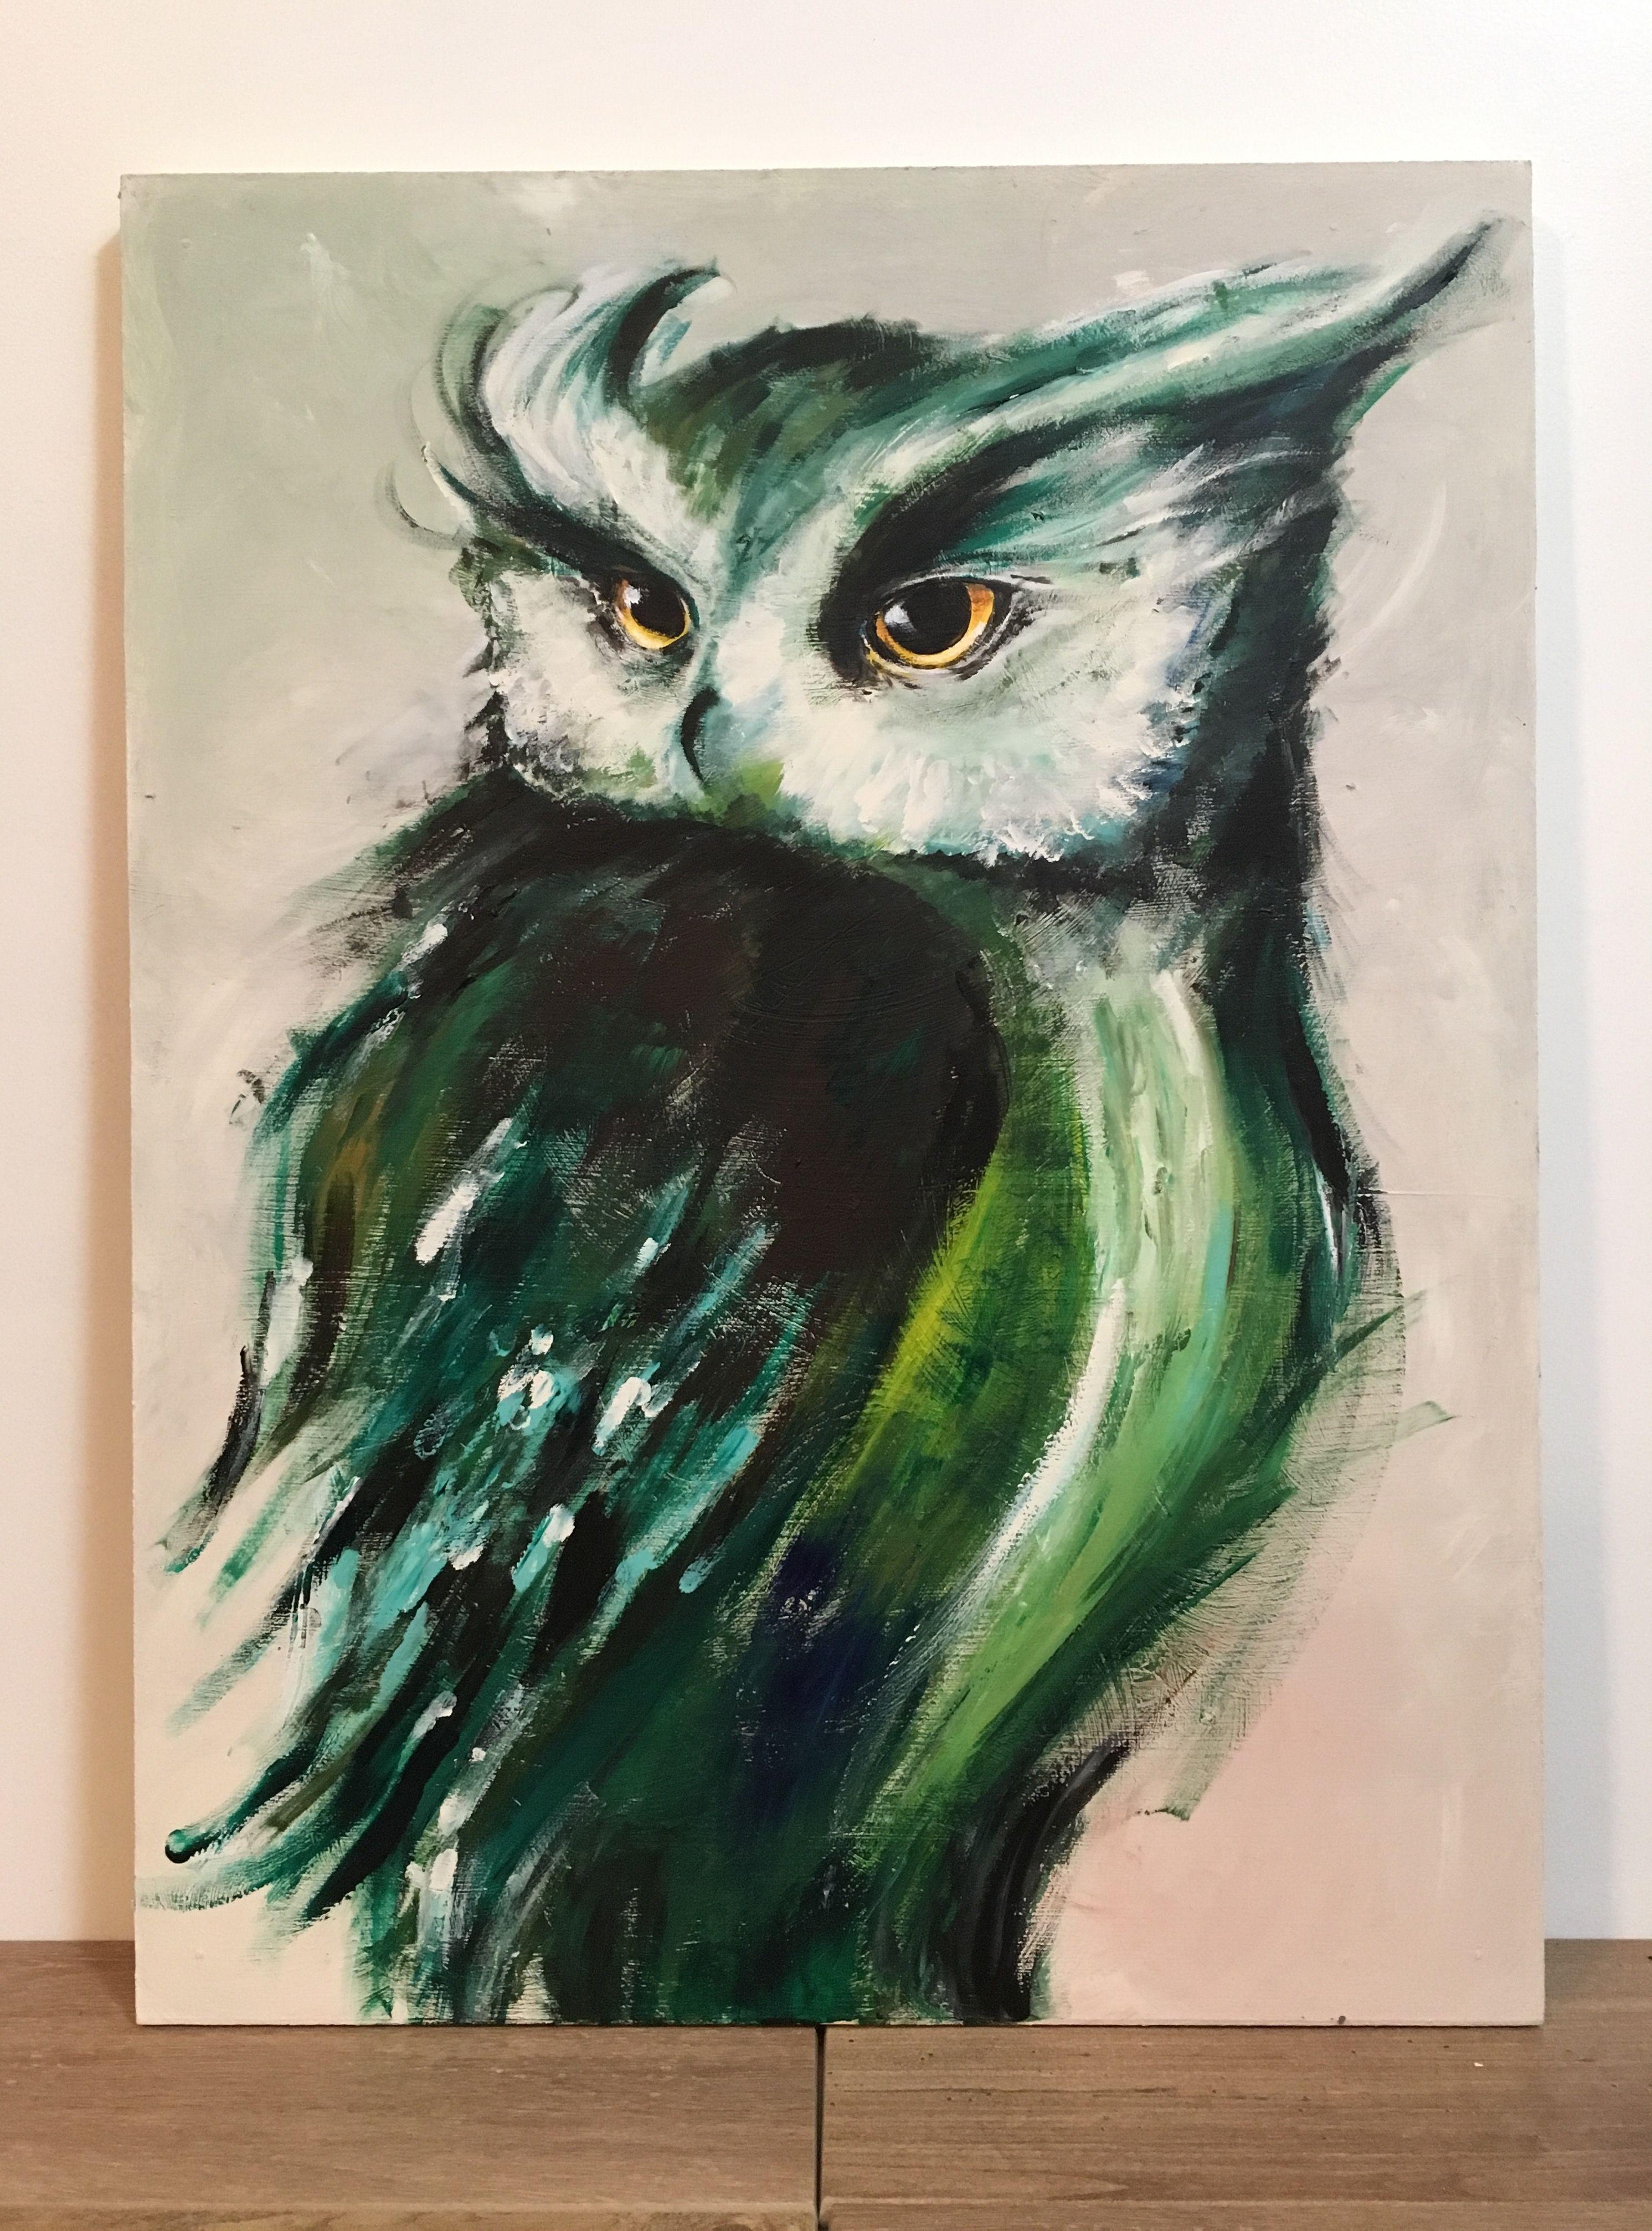 Zxddzl Diy Malerei Tier Wolf Acrylmalerei 11 40 50cm Amazon De